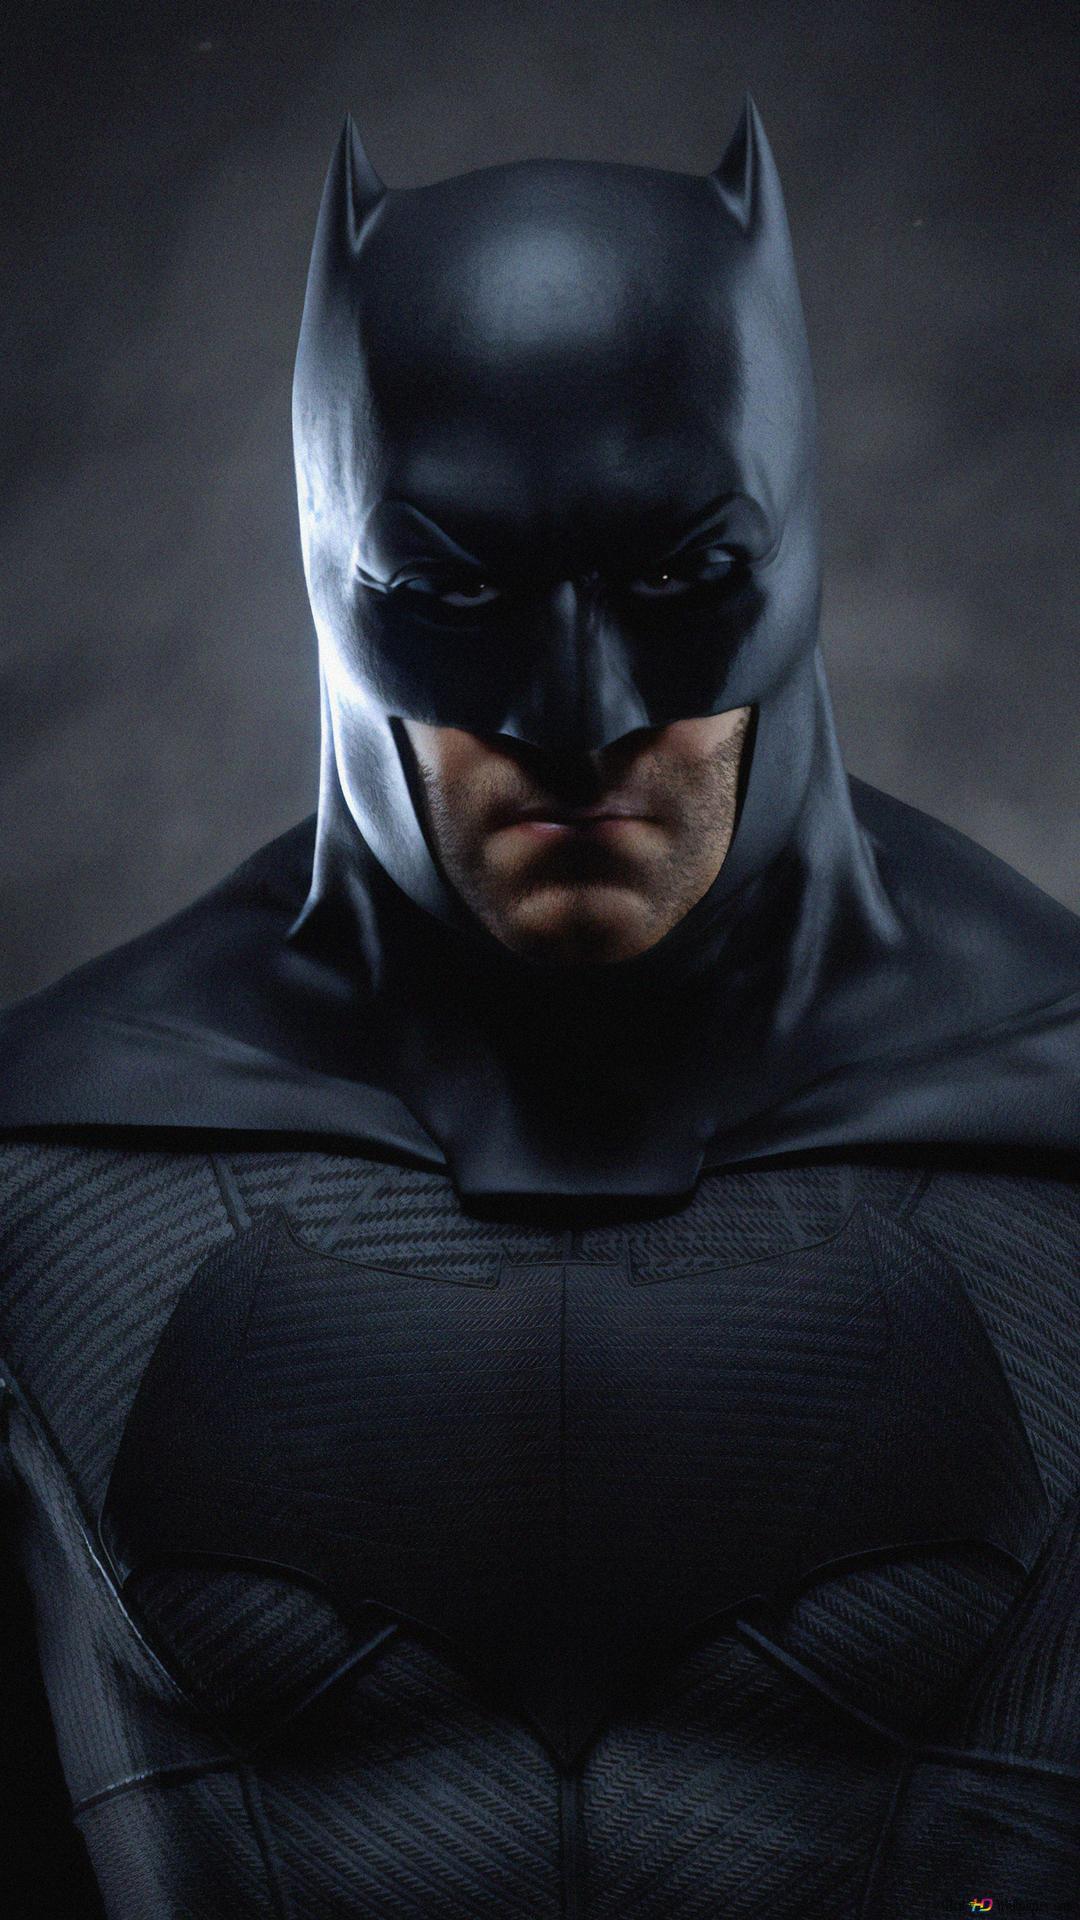 Batman Dc Comics Hd壁紙のダウンロード